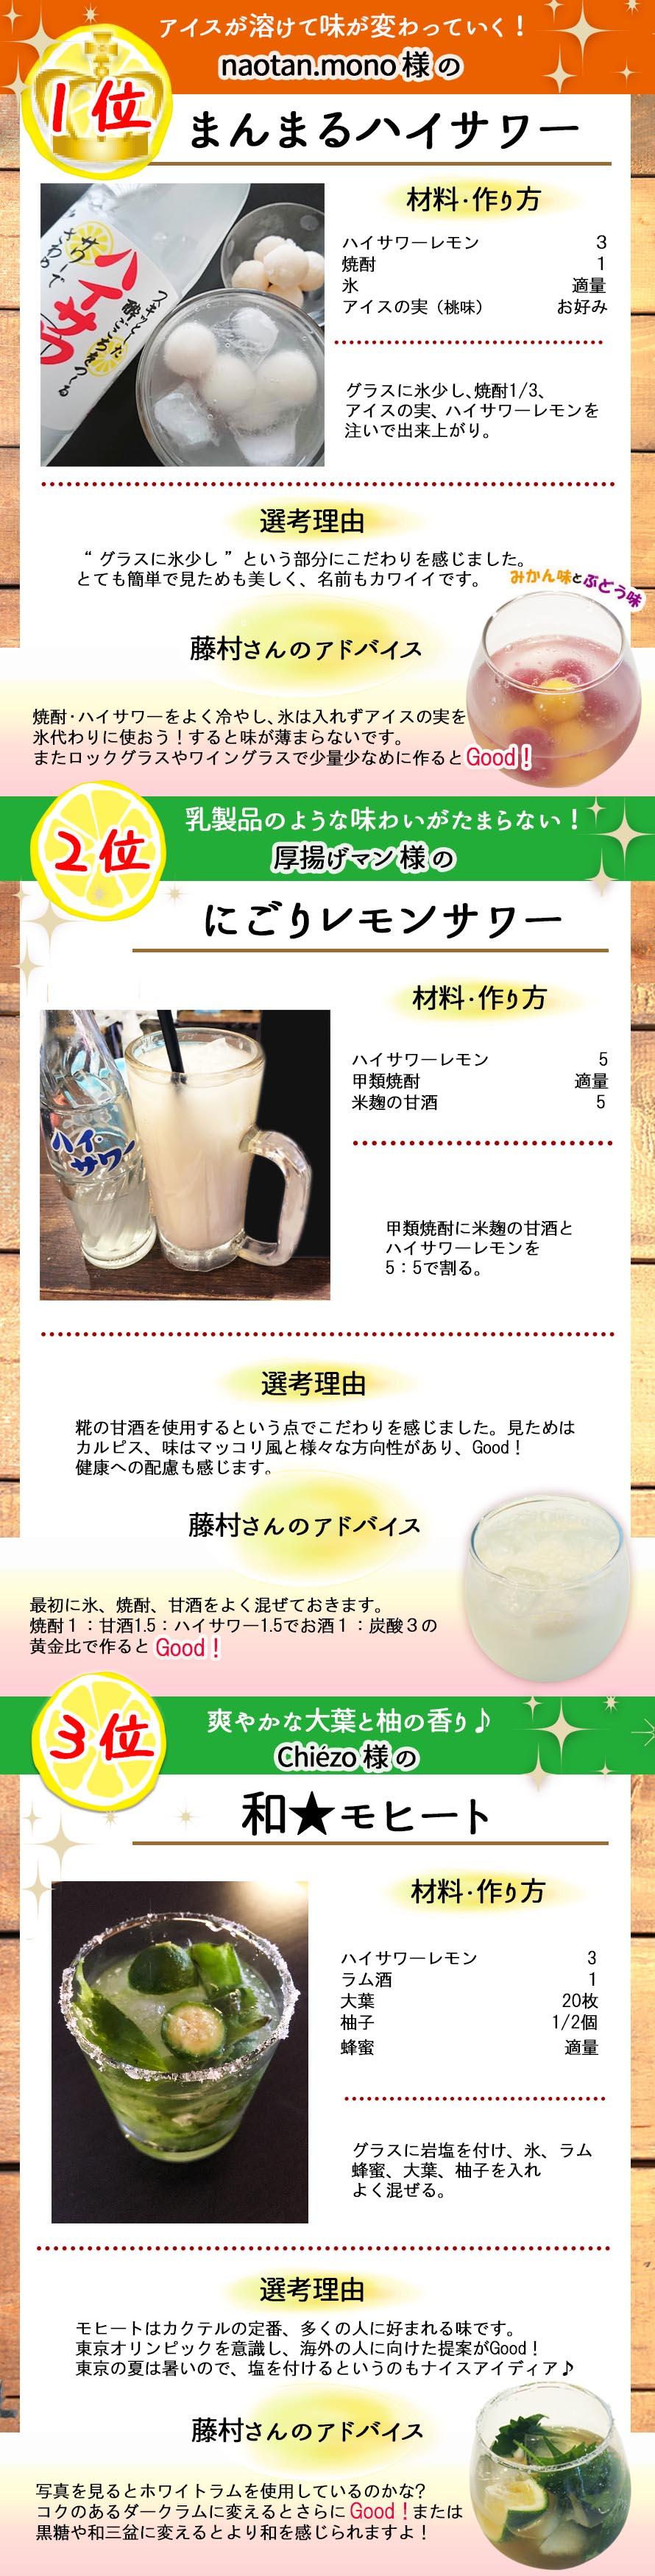 20181012_進化形レシピ_当選発表ページ